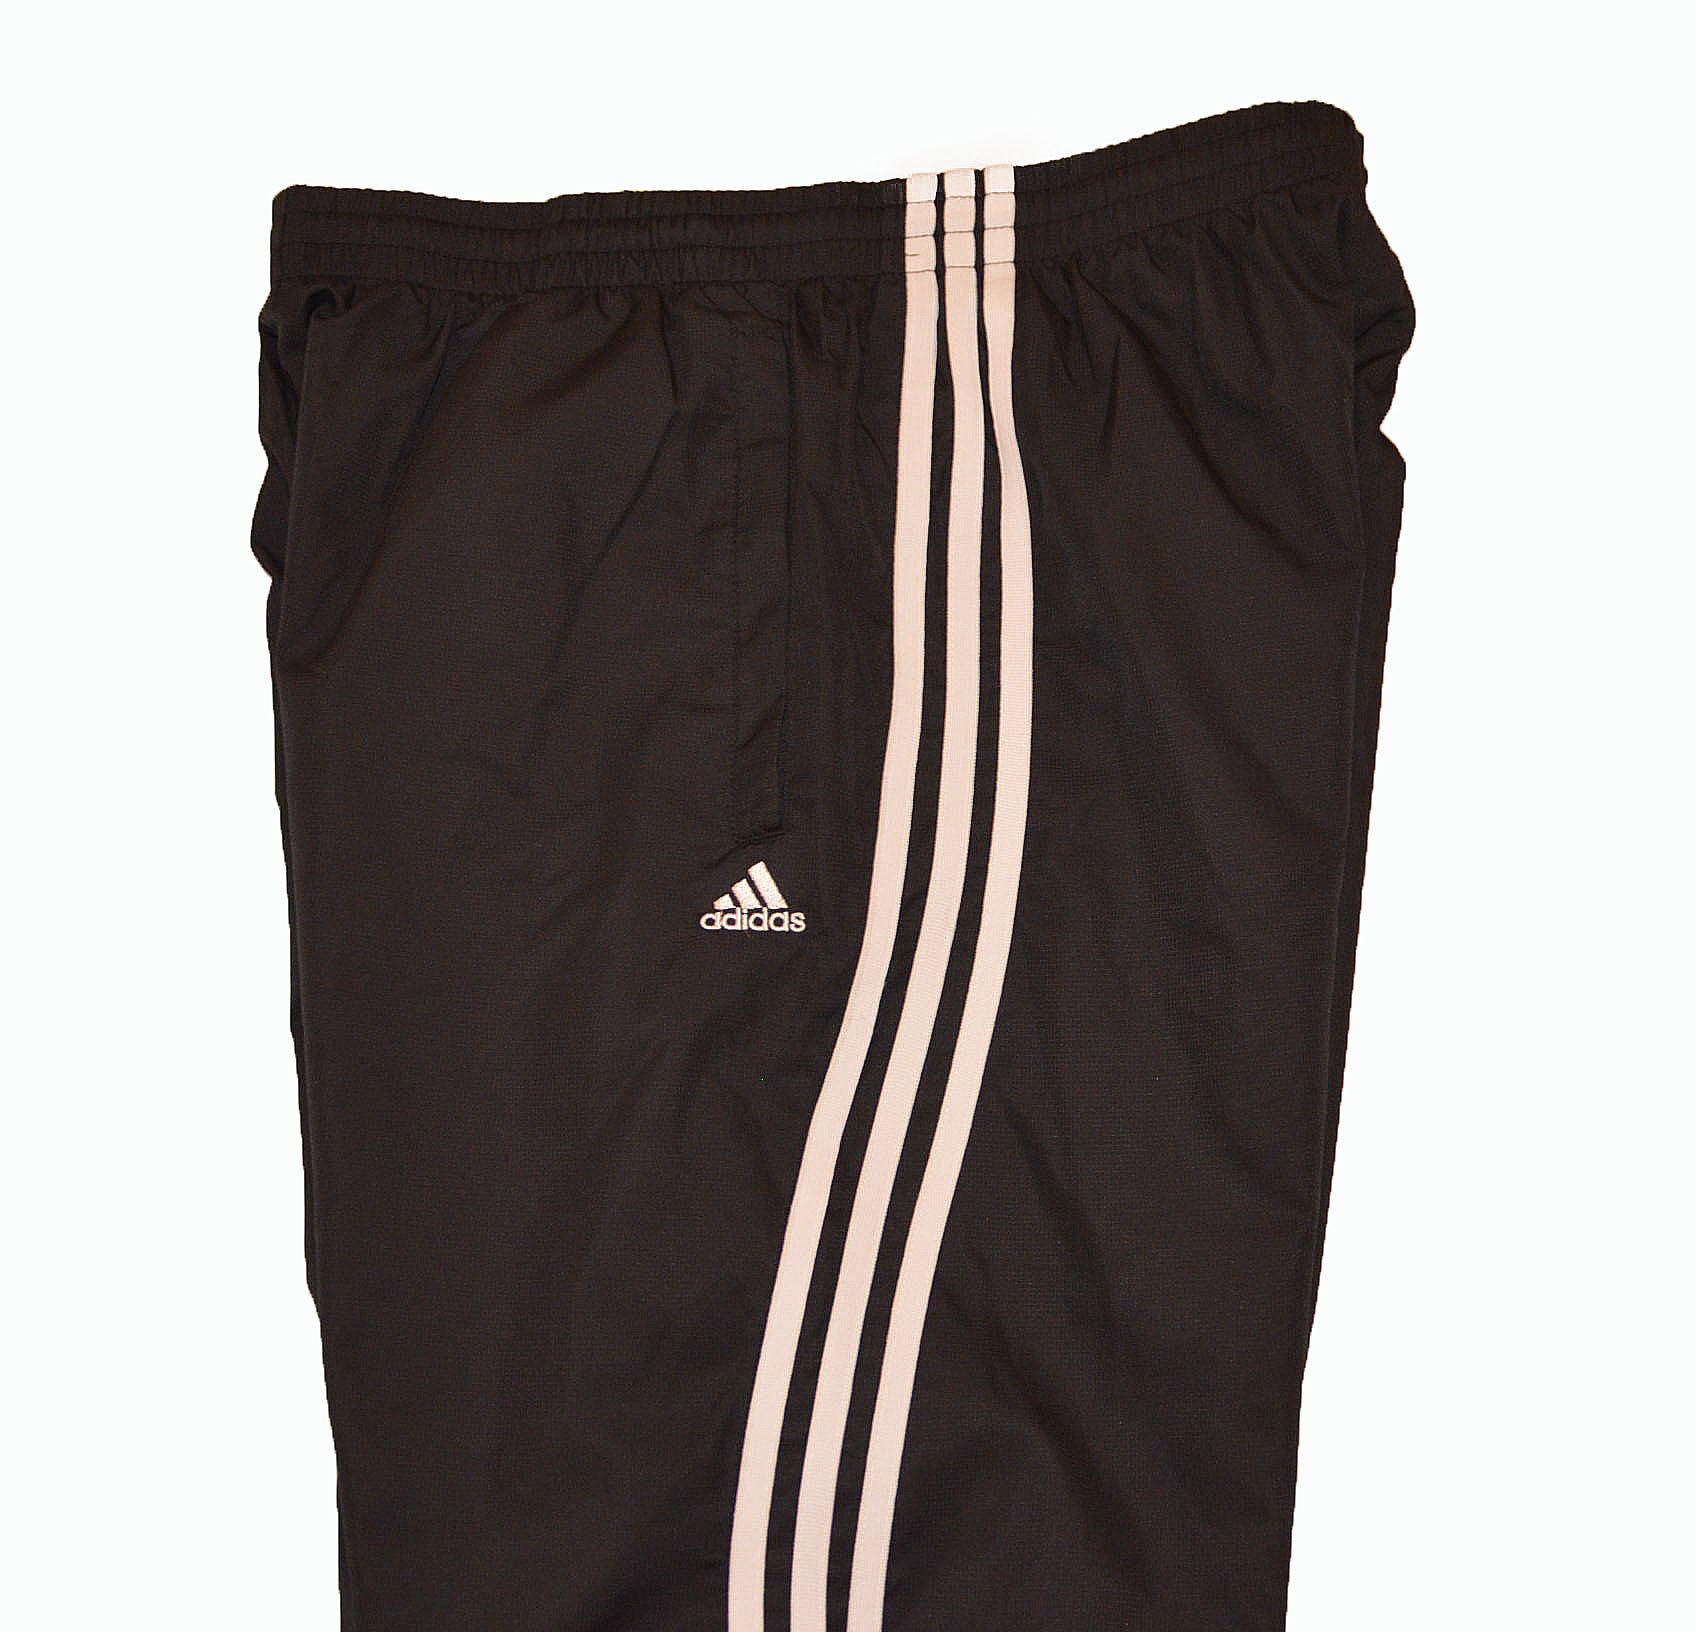 56bf8091a2bd Dresowe Spodnie Adidas ~ Oficjalne 7202703468 M Męskie qHaAa6O